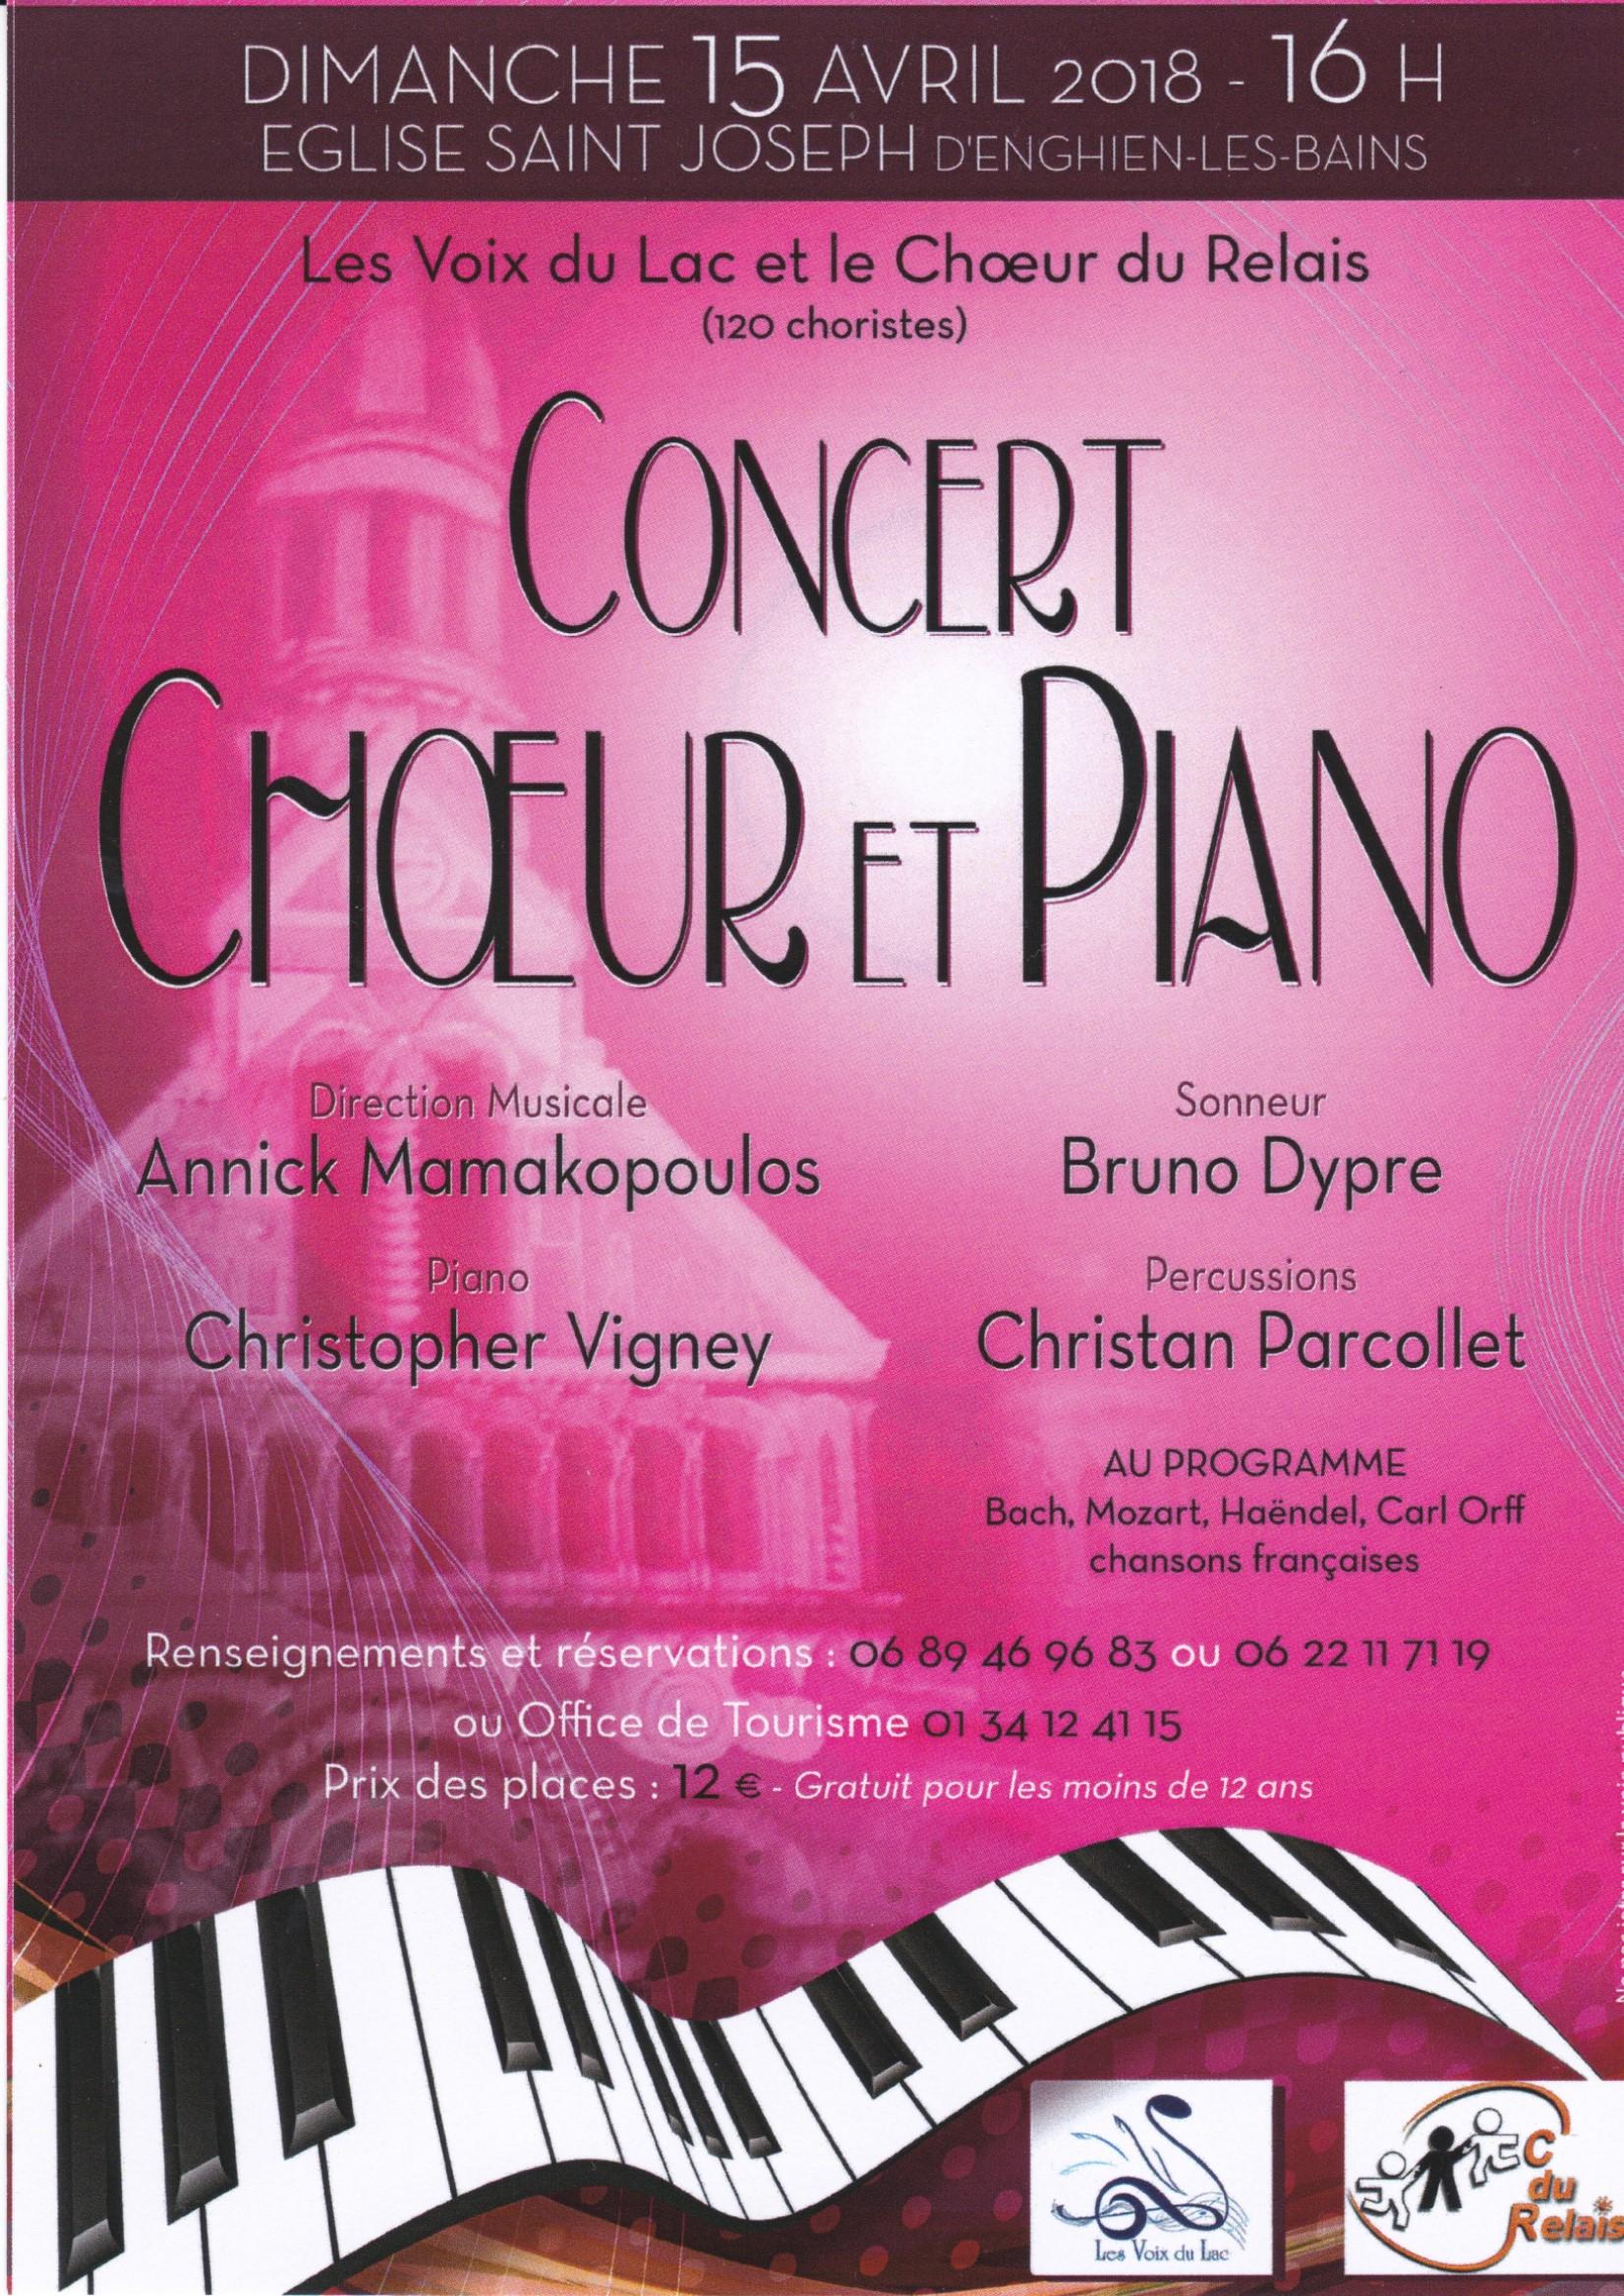 Concert Choeur et Piano - Enghien le 15 avril 2018